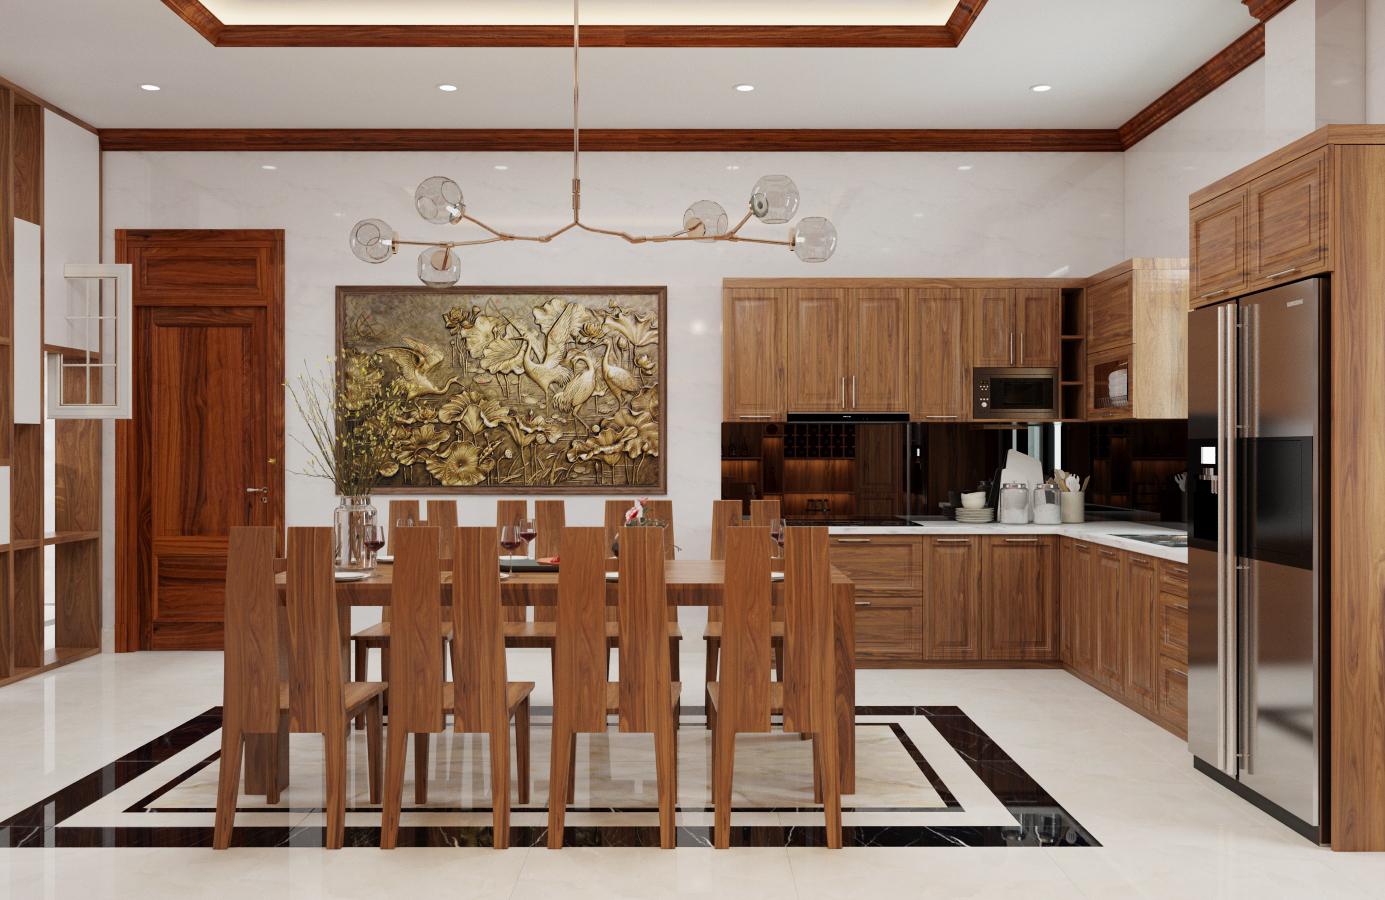 Thiết kế nội thất Biệt Thự tại Nam Định Living House 1573645675 3